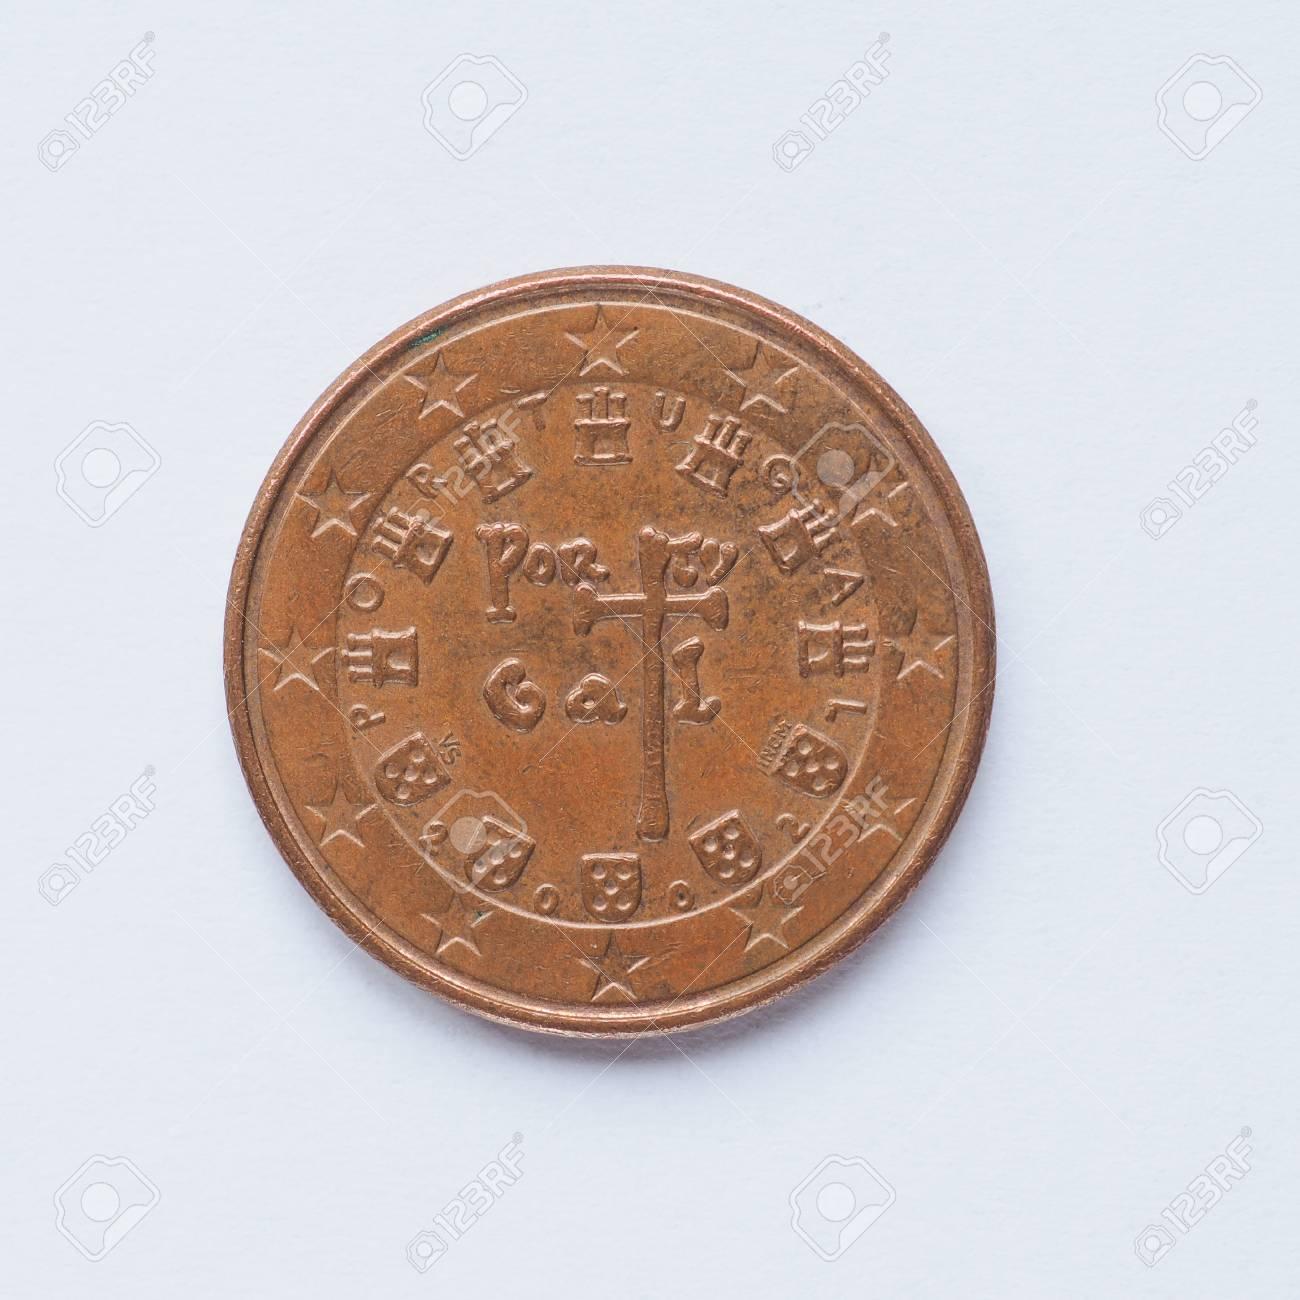 Währung Europa 5 Cent Münze Aus Portugal Lizenzfreie Fotos Bilder